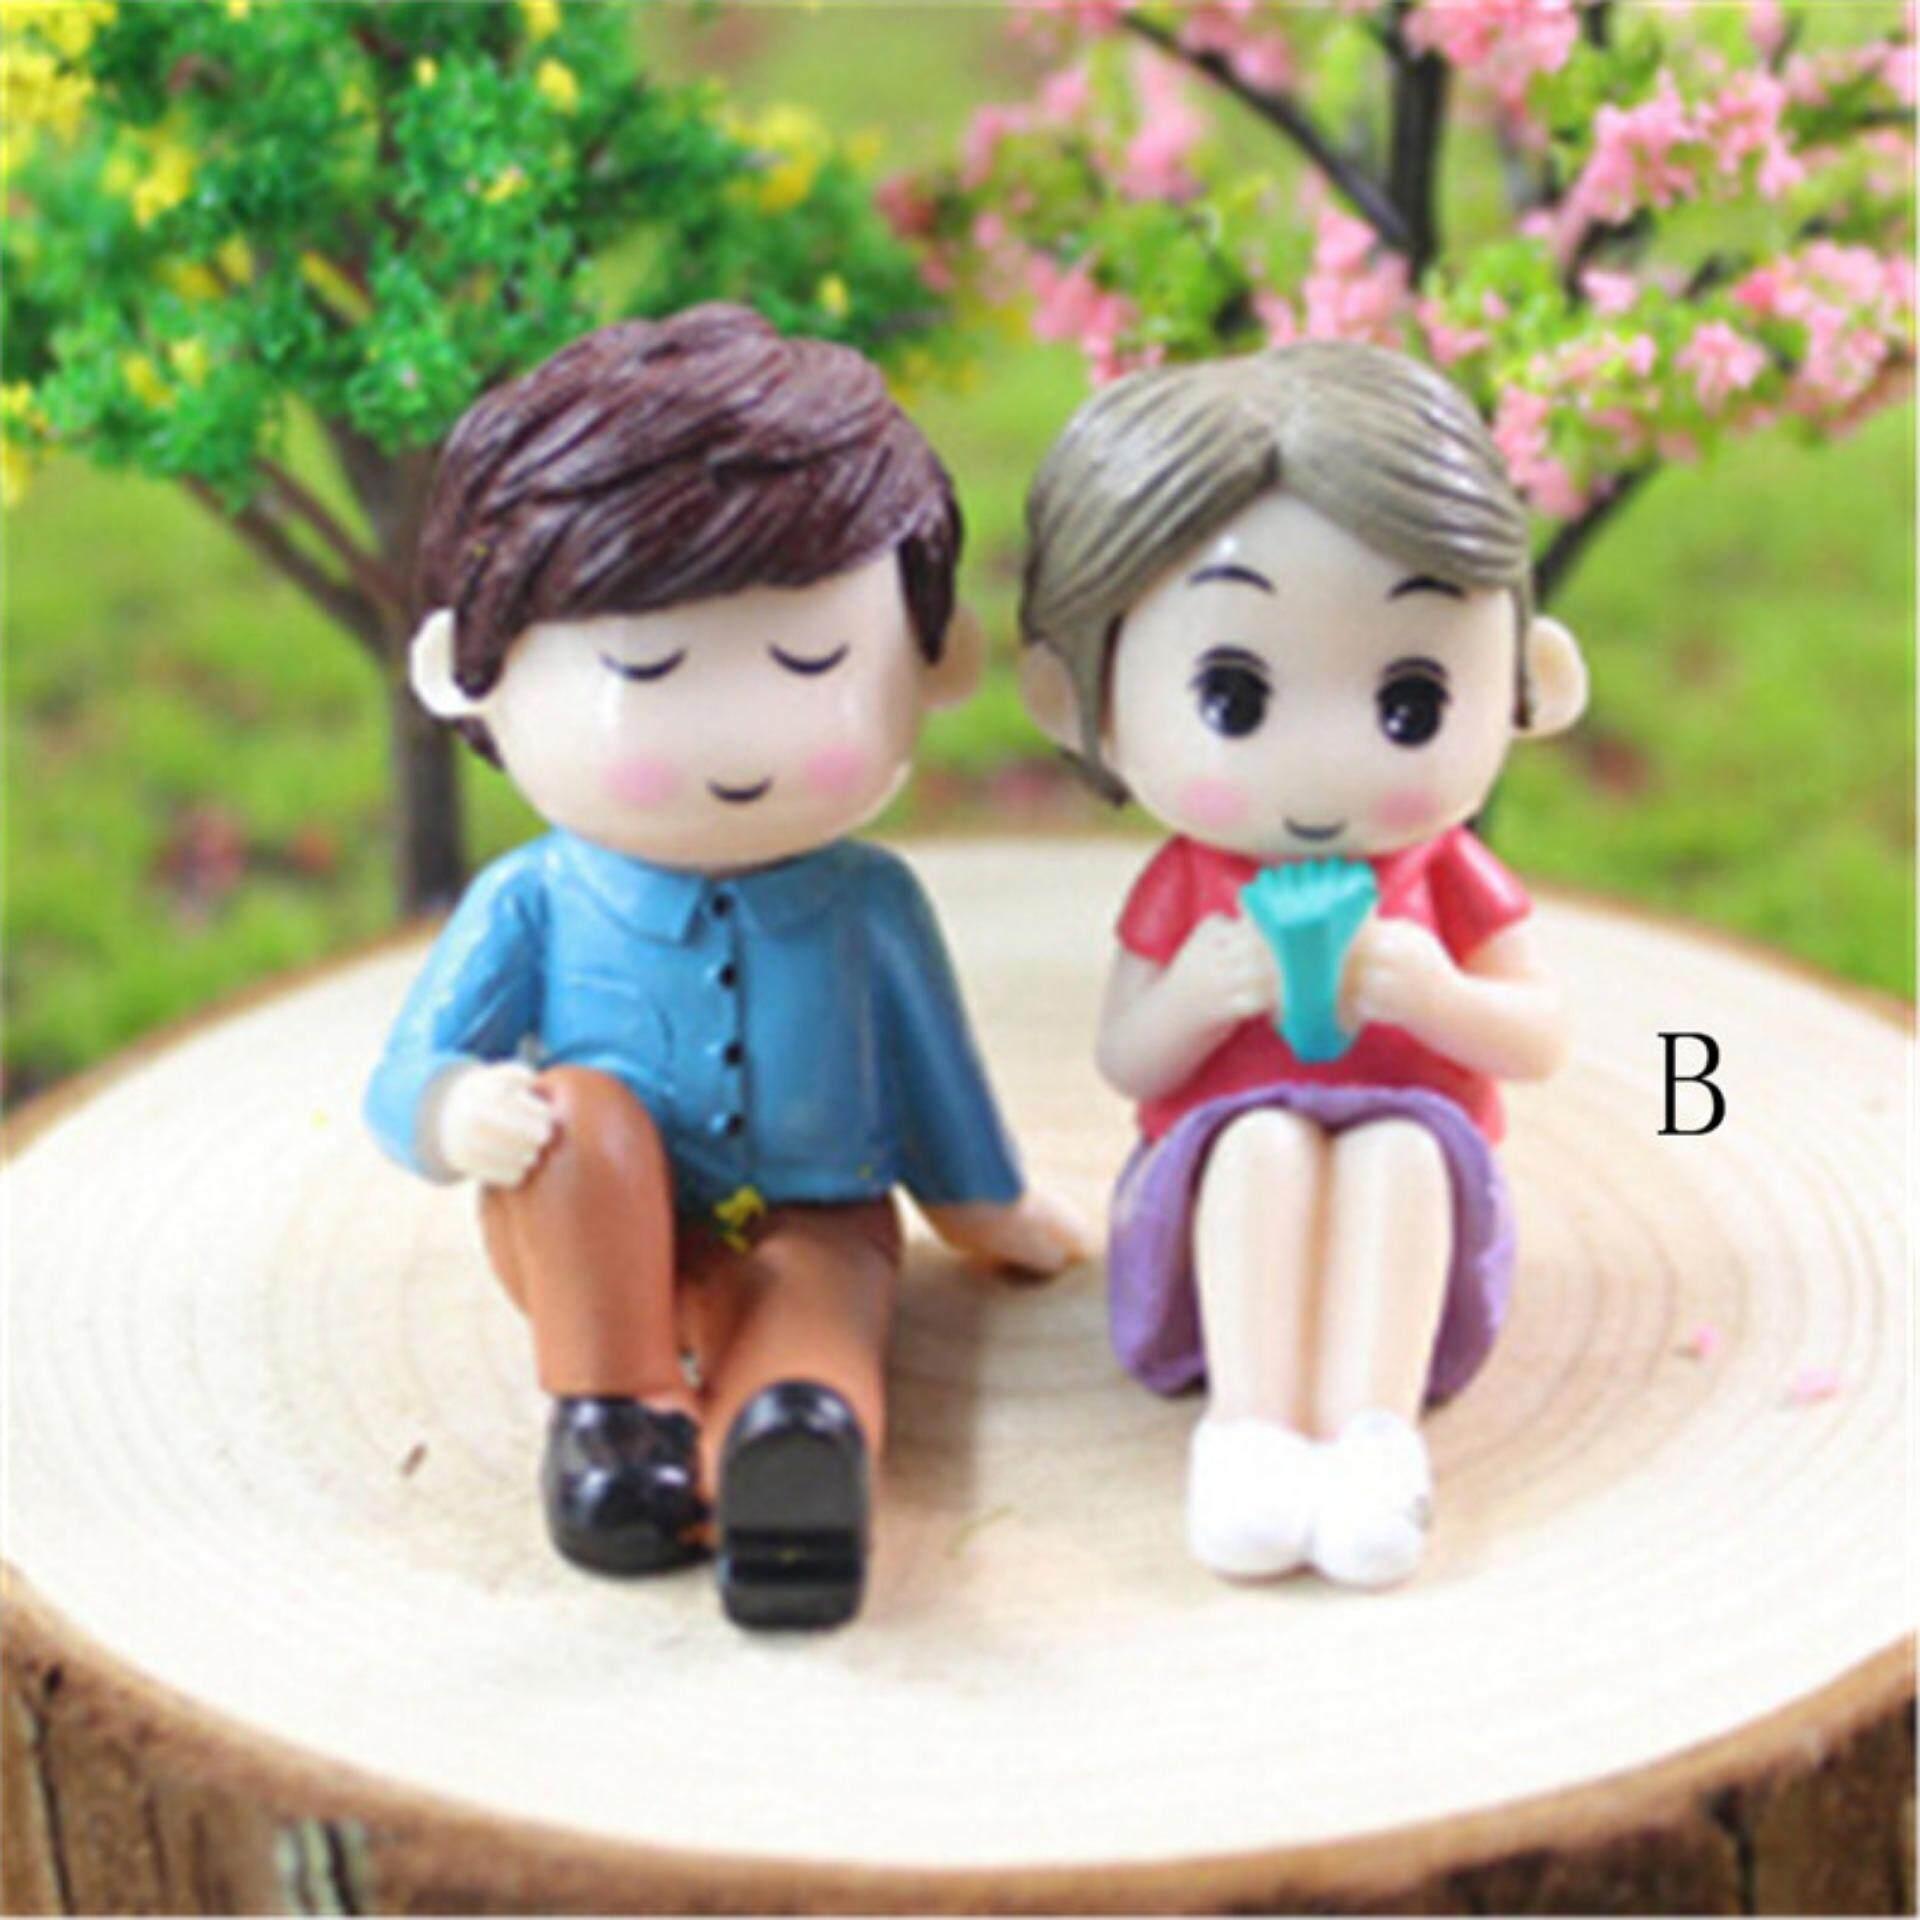 2 Pcs/set Mini Boneka Pasangan Miniatur Taman Peri Dekorasi Rumah Boneka Boneka Tokoh Yang By Sporter.